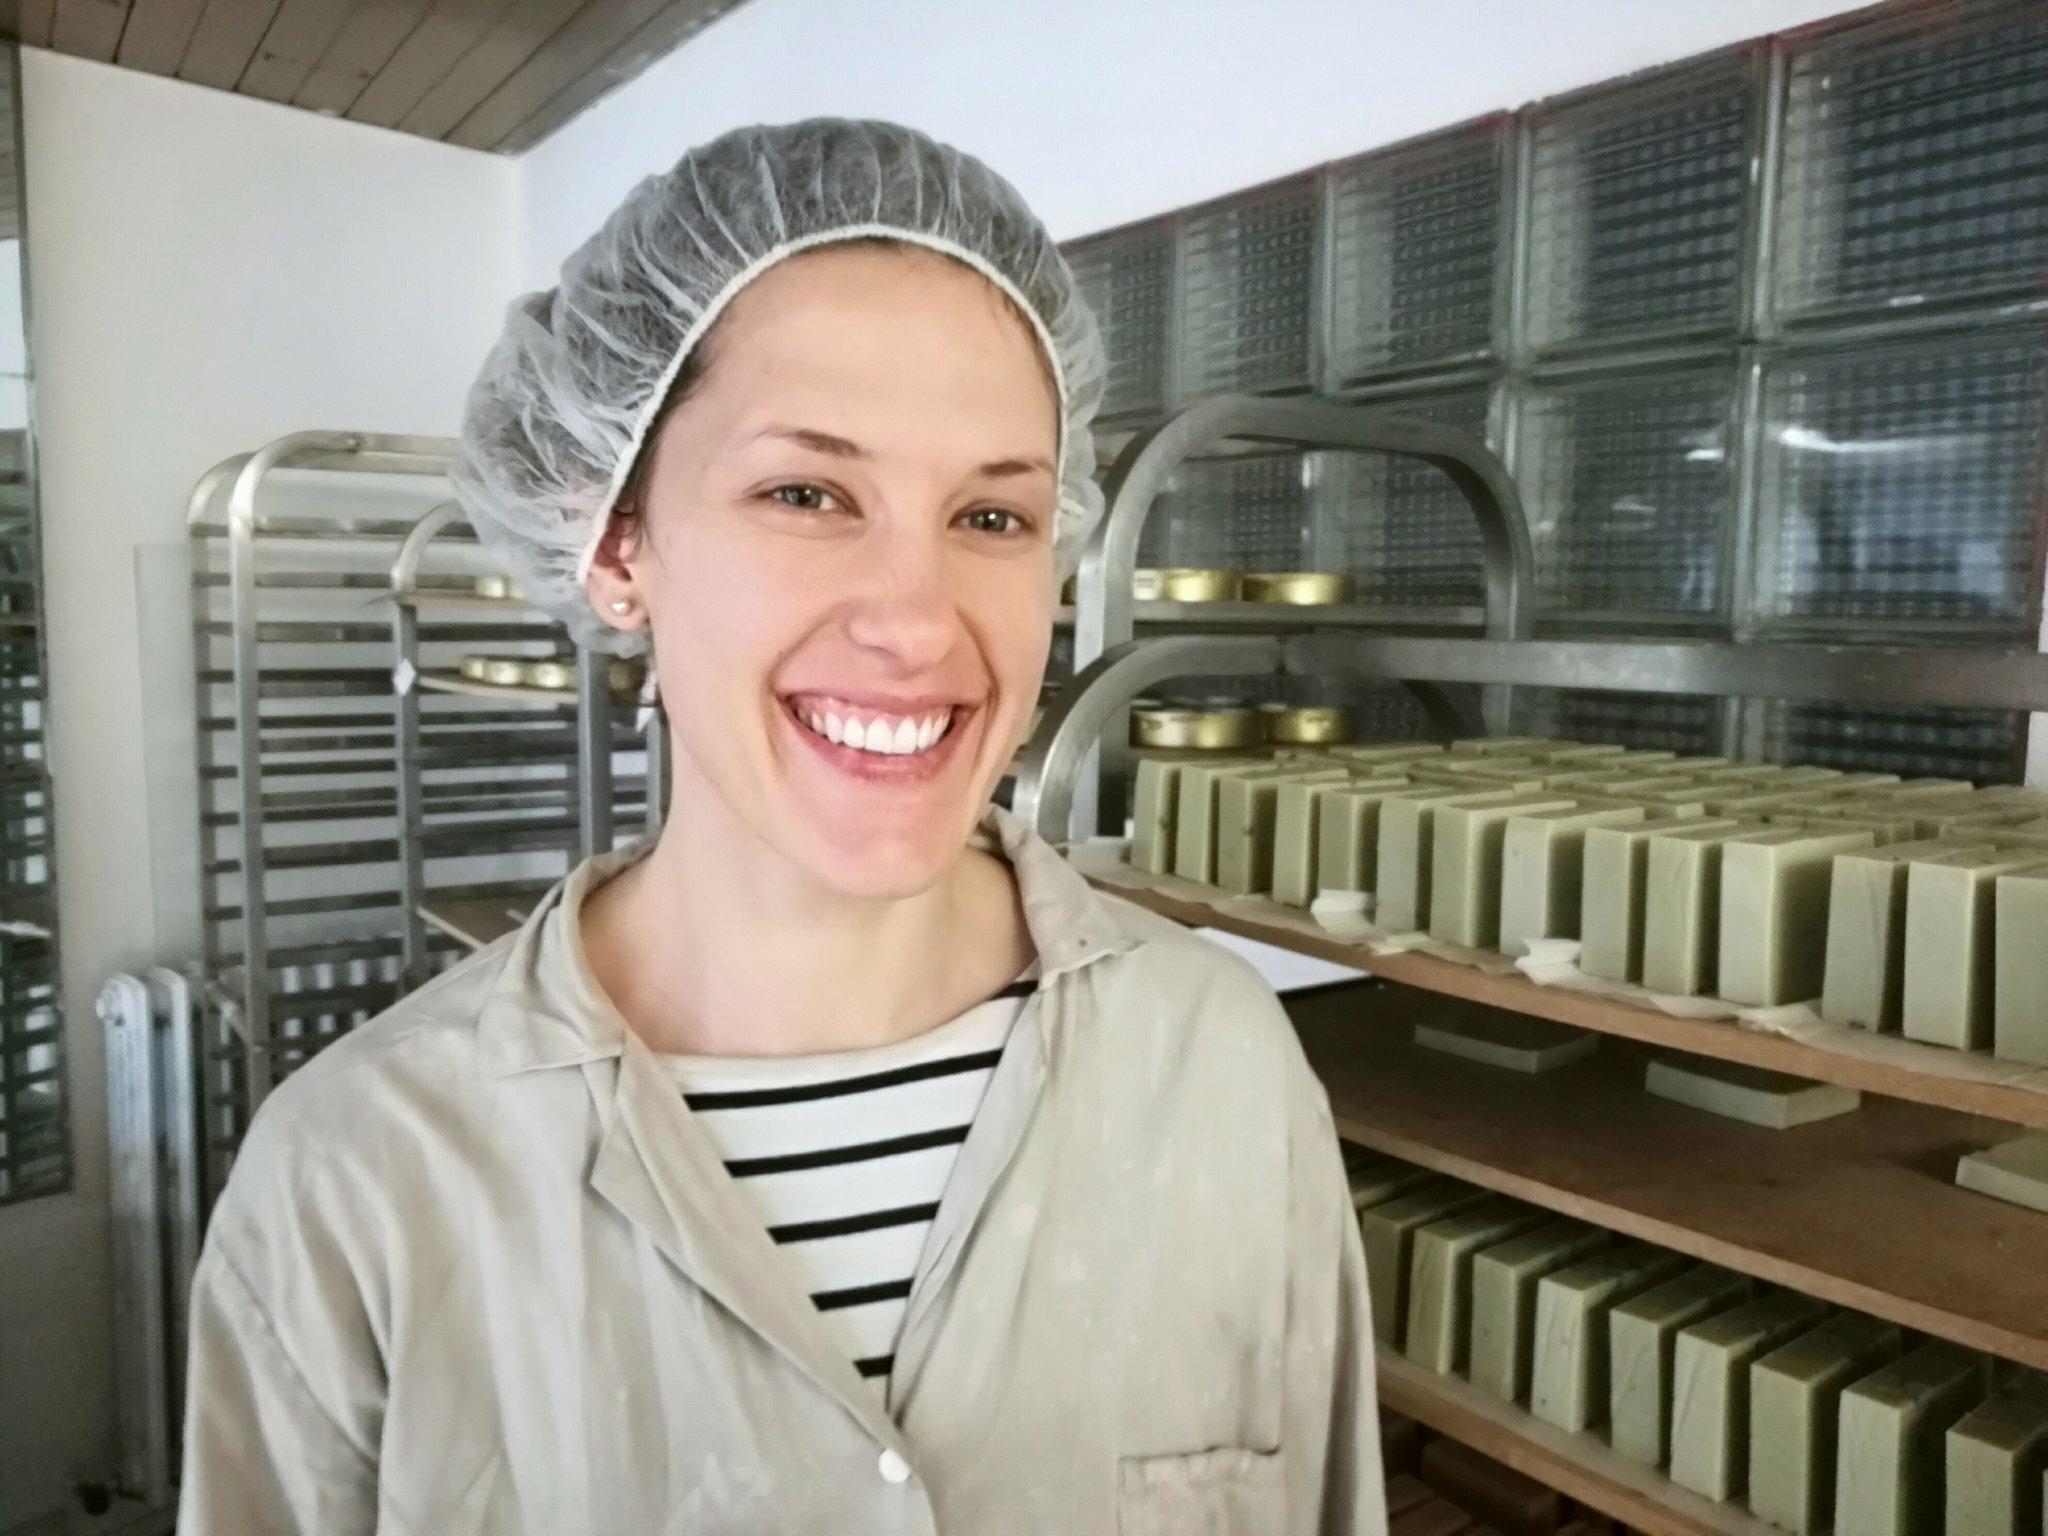 Isaure la manufacture du siècle savons saponifiés à froid biologiques